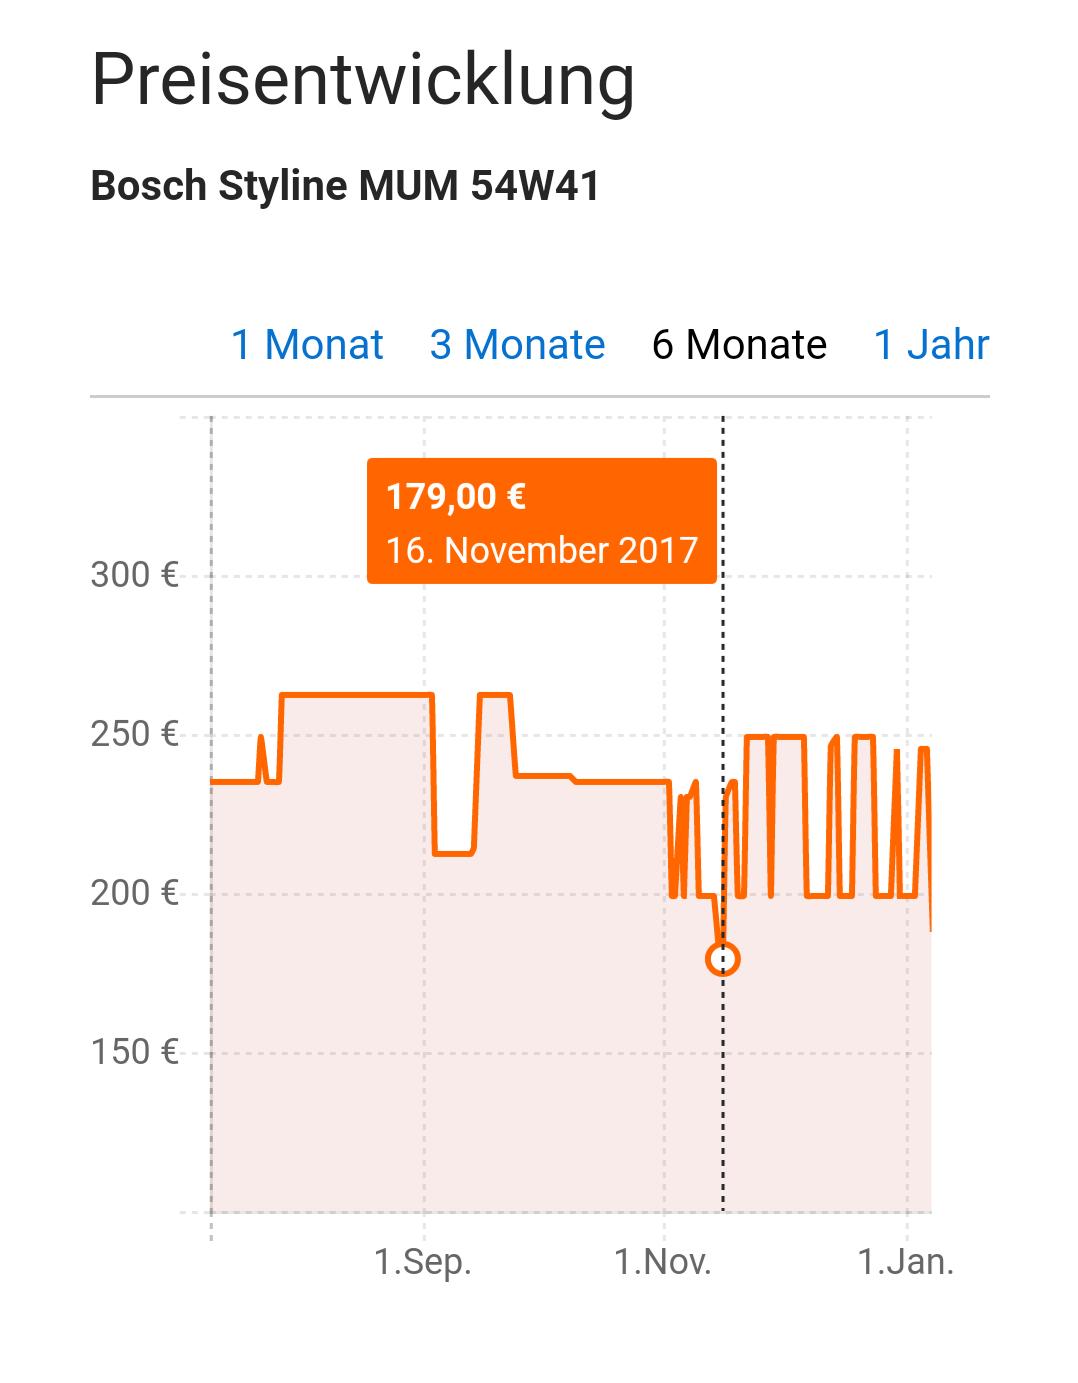 Küchenmaschine Media Markt ~ bosch mum 54w41 küchenmaschine weiß [mediamarkt de] mydealz de